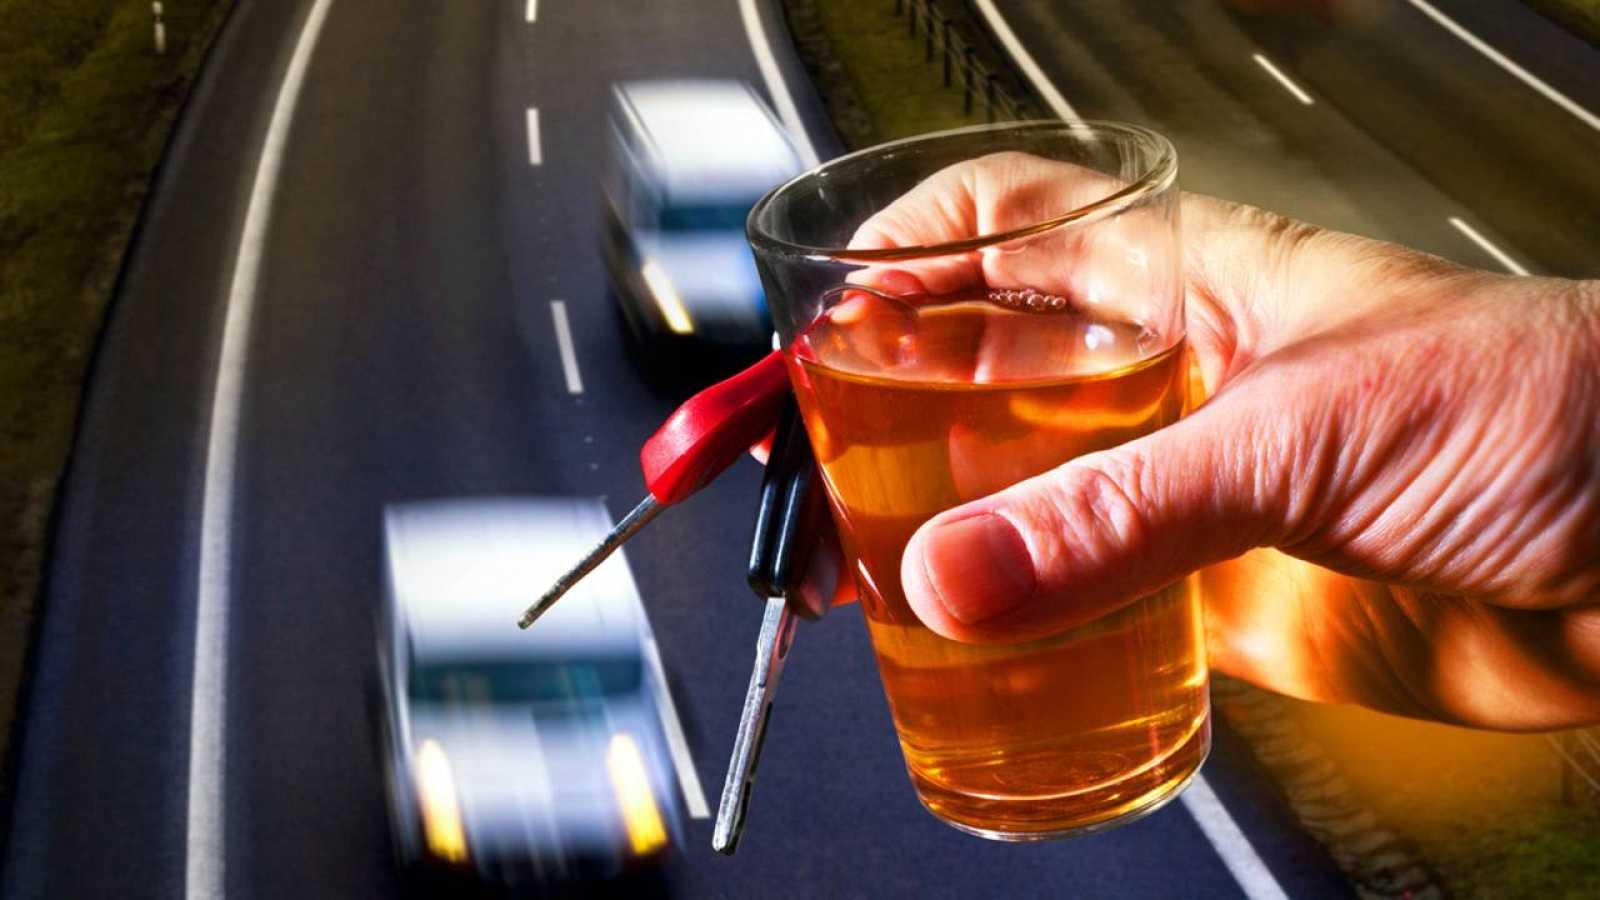 Entre las personas fallecidas por accidente de coche, la principal incidencia fue el alcohol